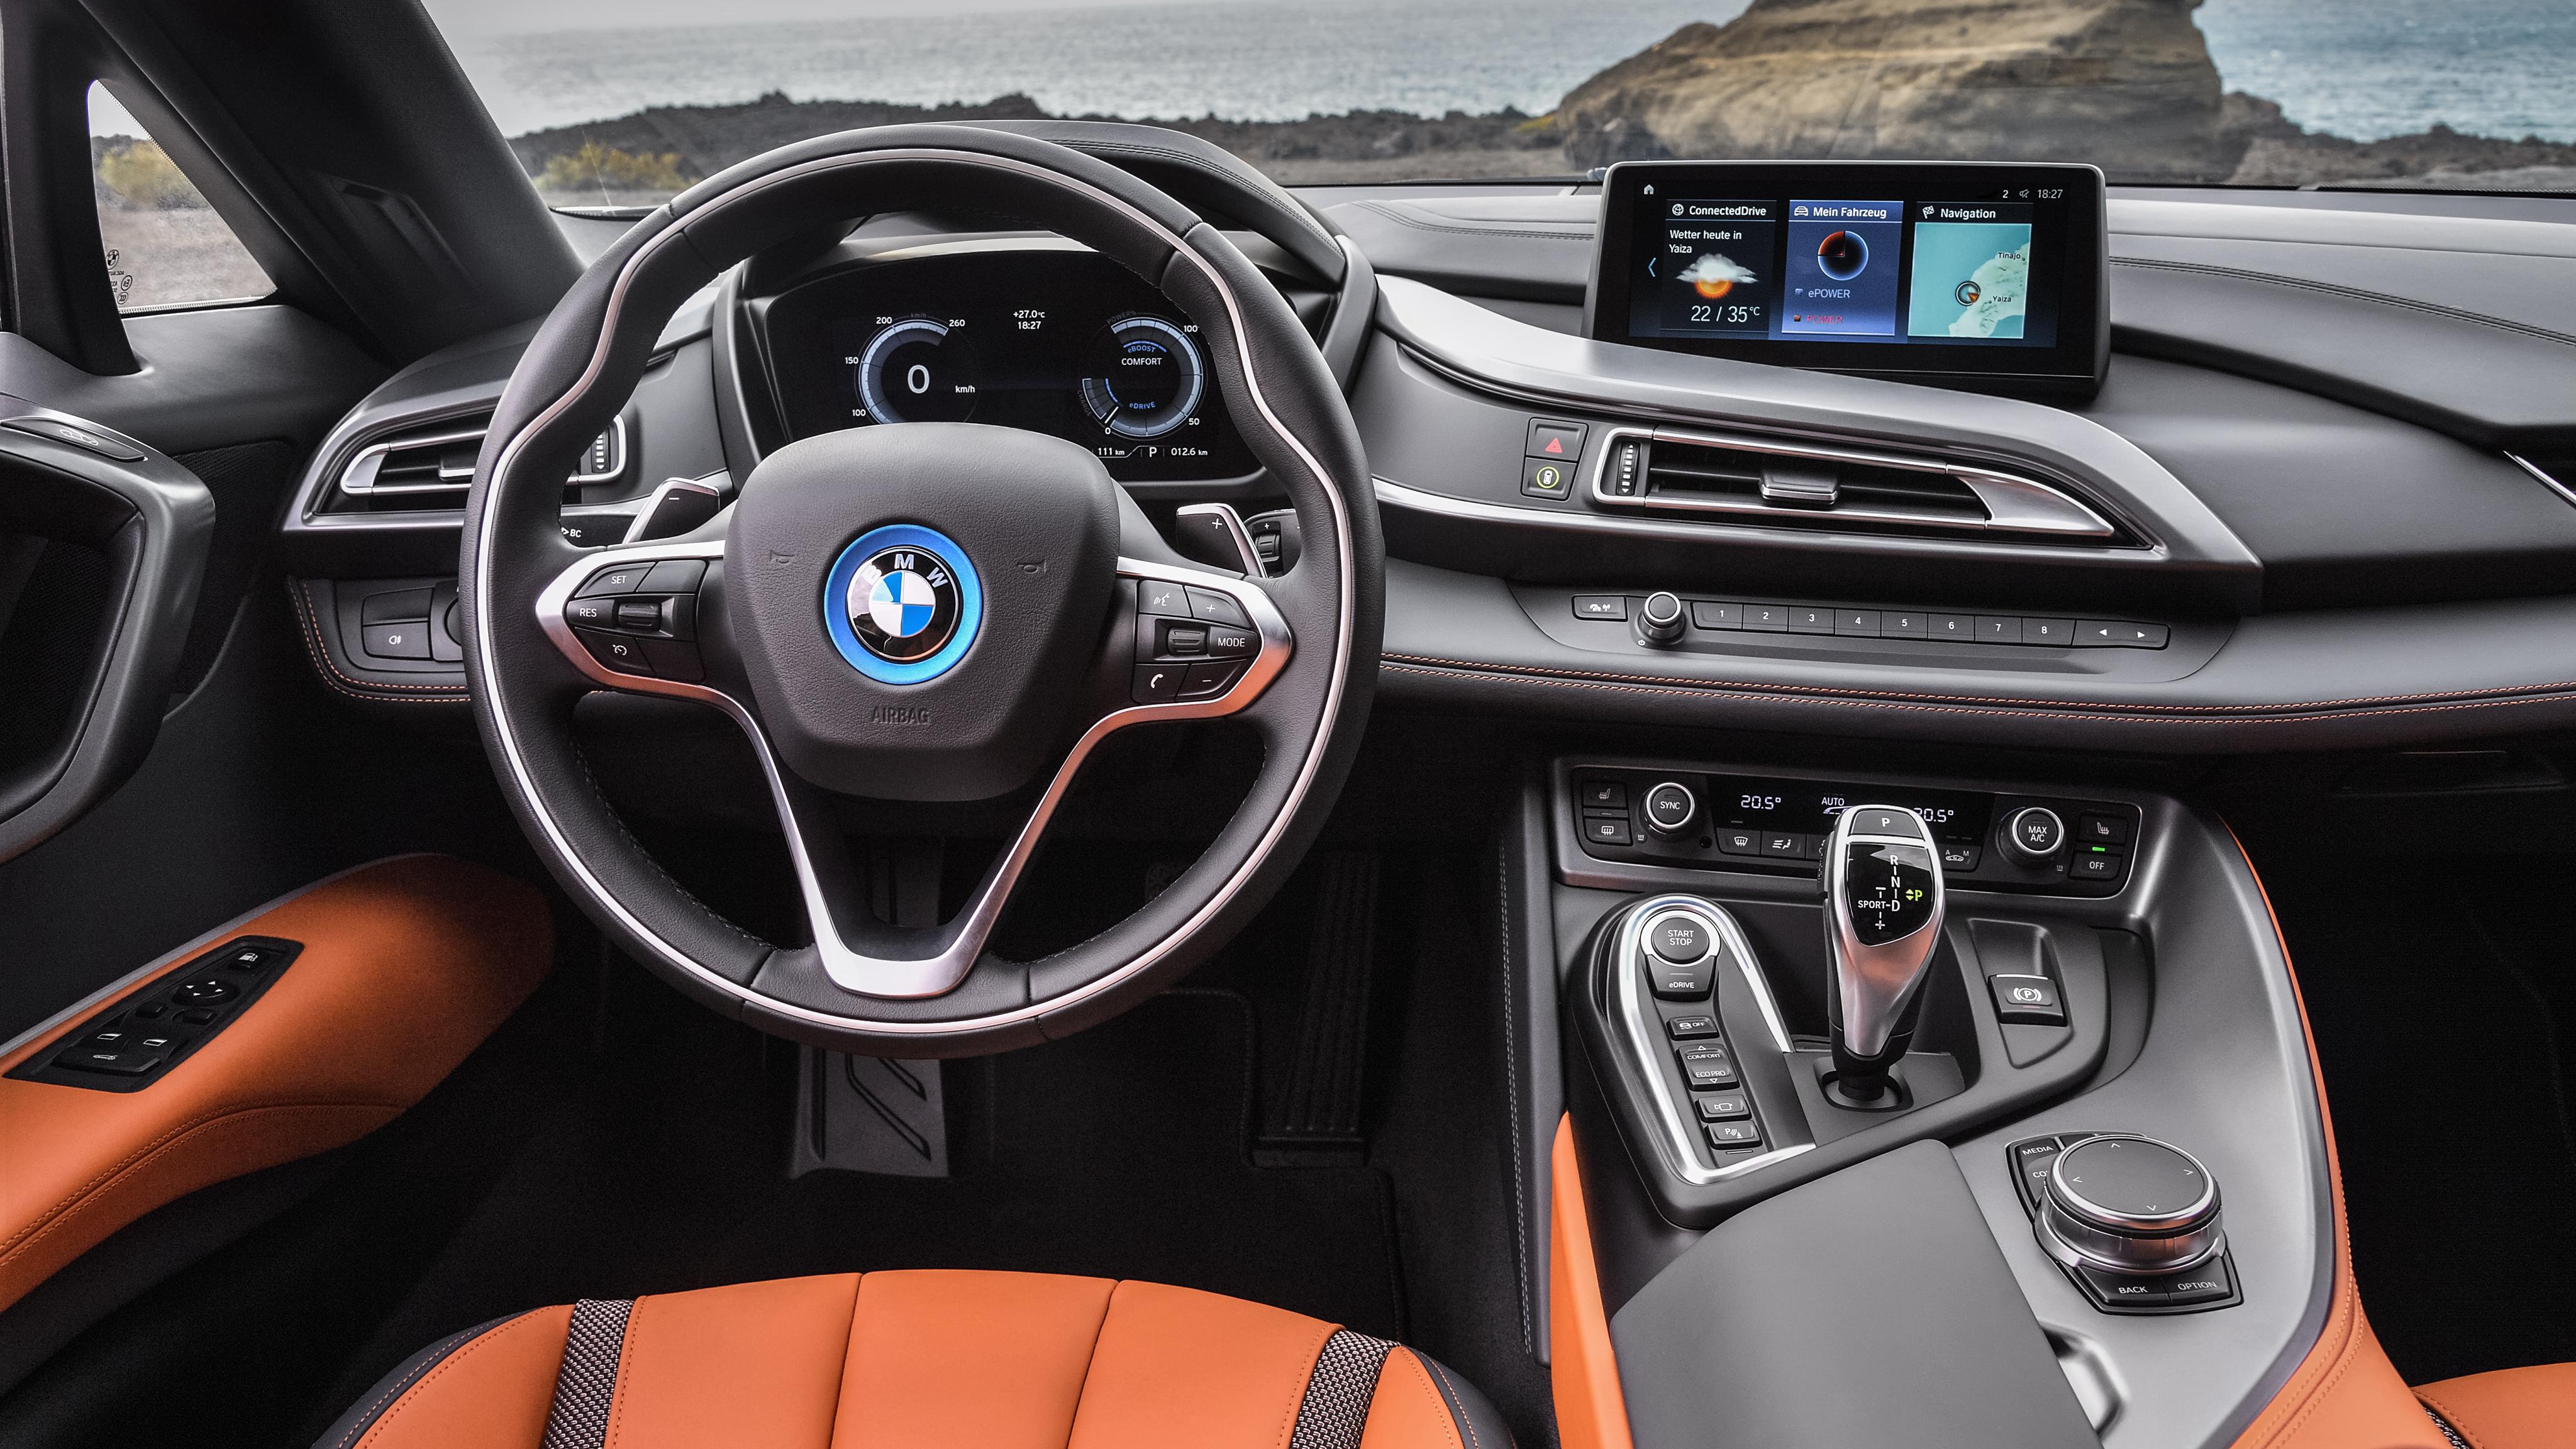 2018 Bmw I8 Roadster 4k Interior Wallpaper Hd Car